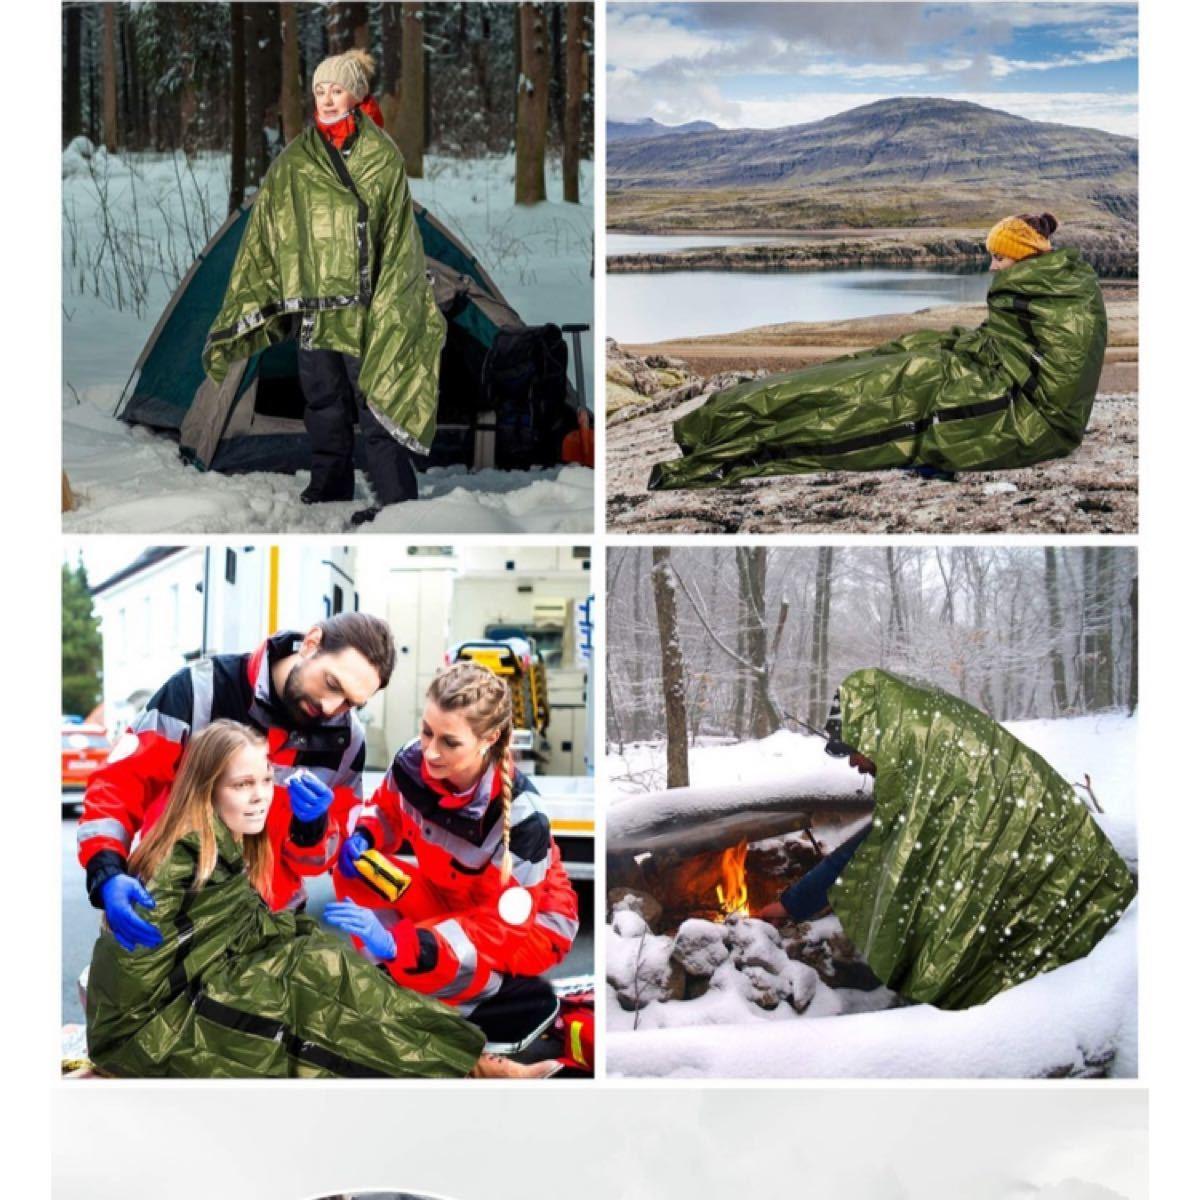 アウトドア 備え 地震 災害用品 防災 寝袋 寝具 テント ハイキング キャンプ